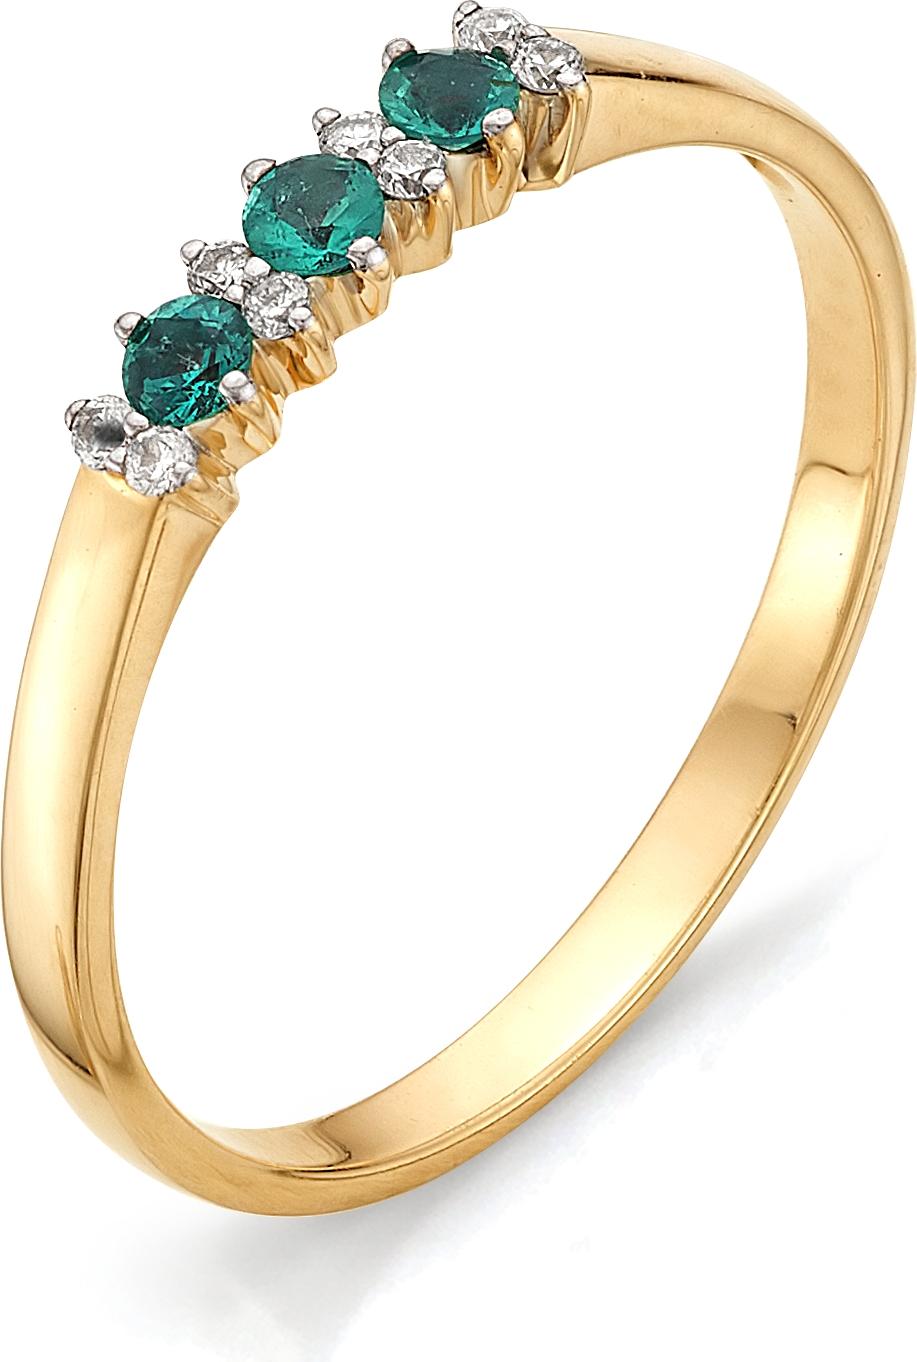 Кольцо с бриллиантами, изумрудами из красного золота (арт. ж-9224к)